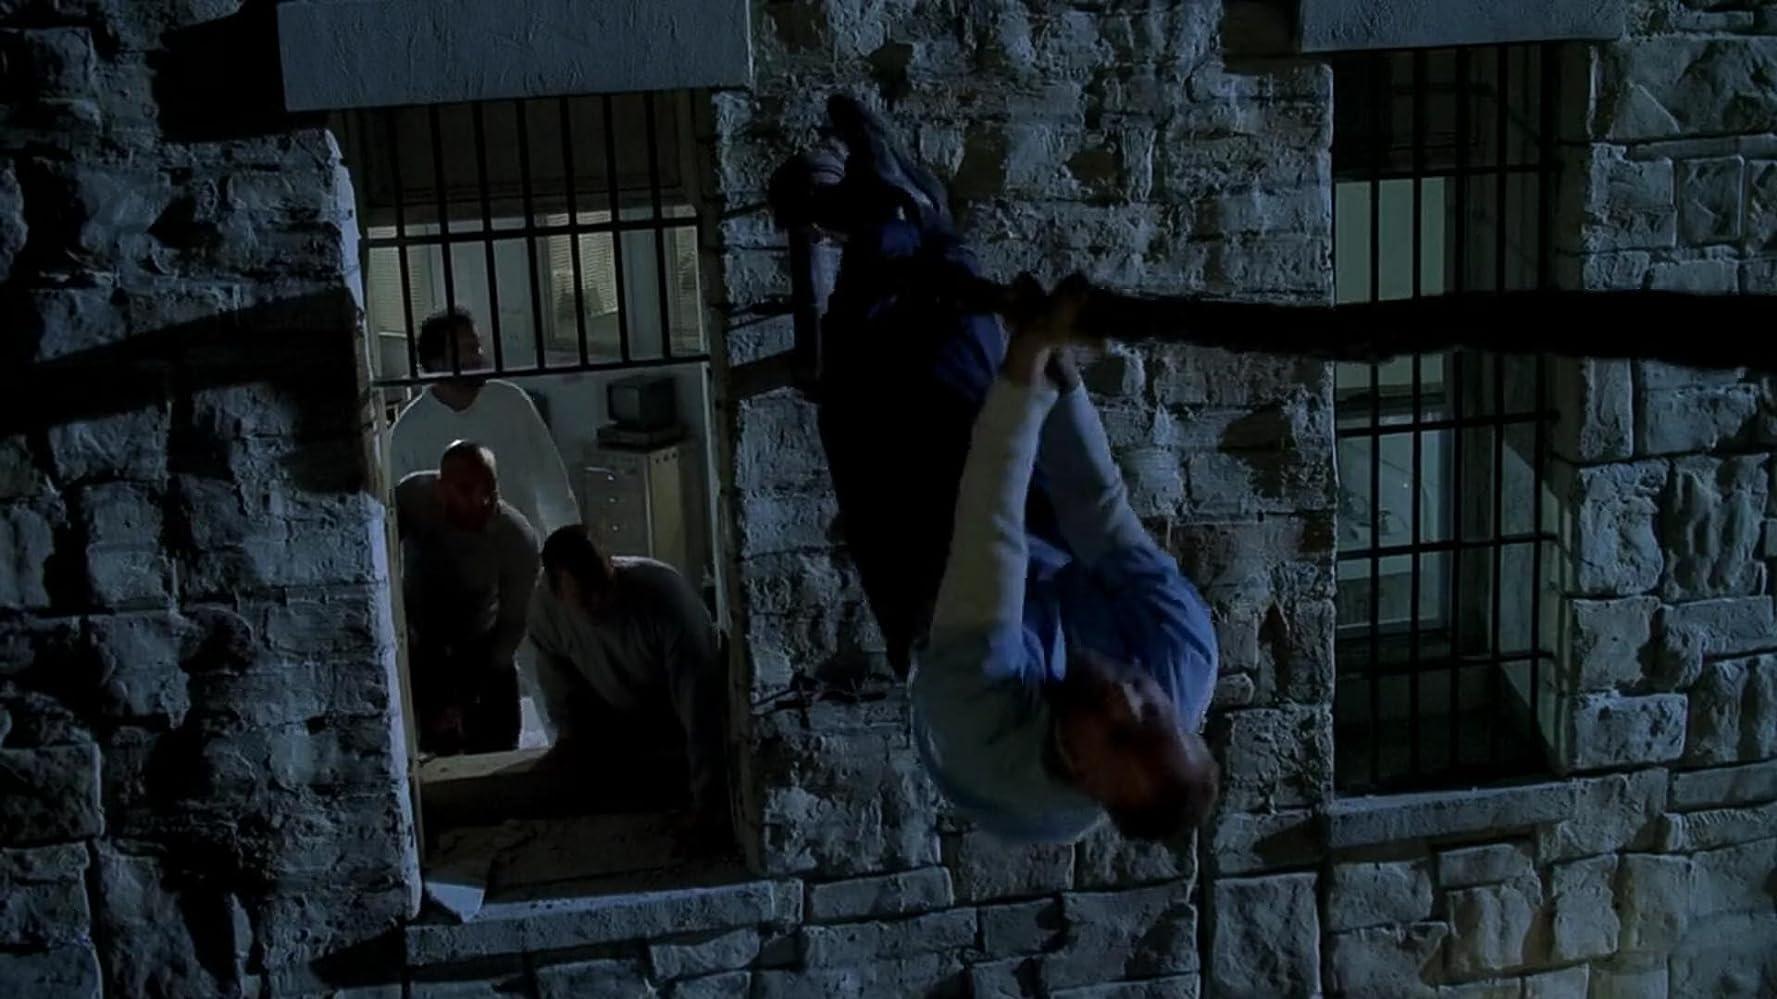 Peter Stormare, Wentworth Miller, Silas Weir Mitchell, and Amaury Nolasco in Prison Break (2005)